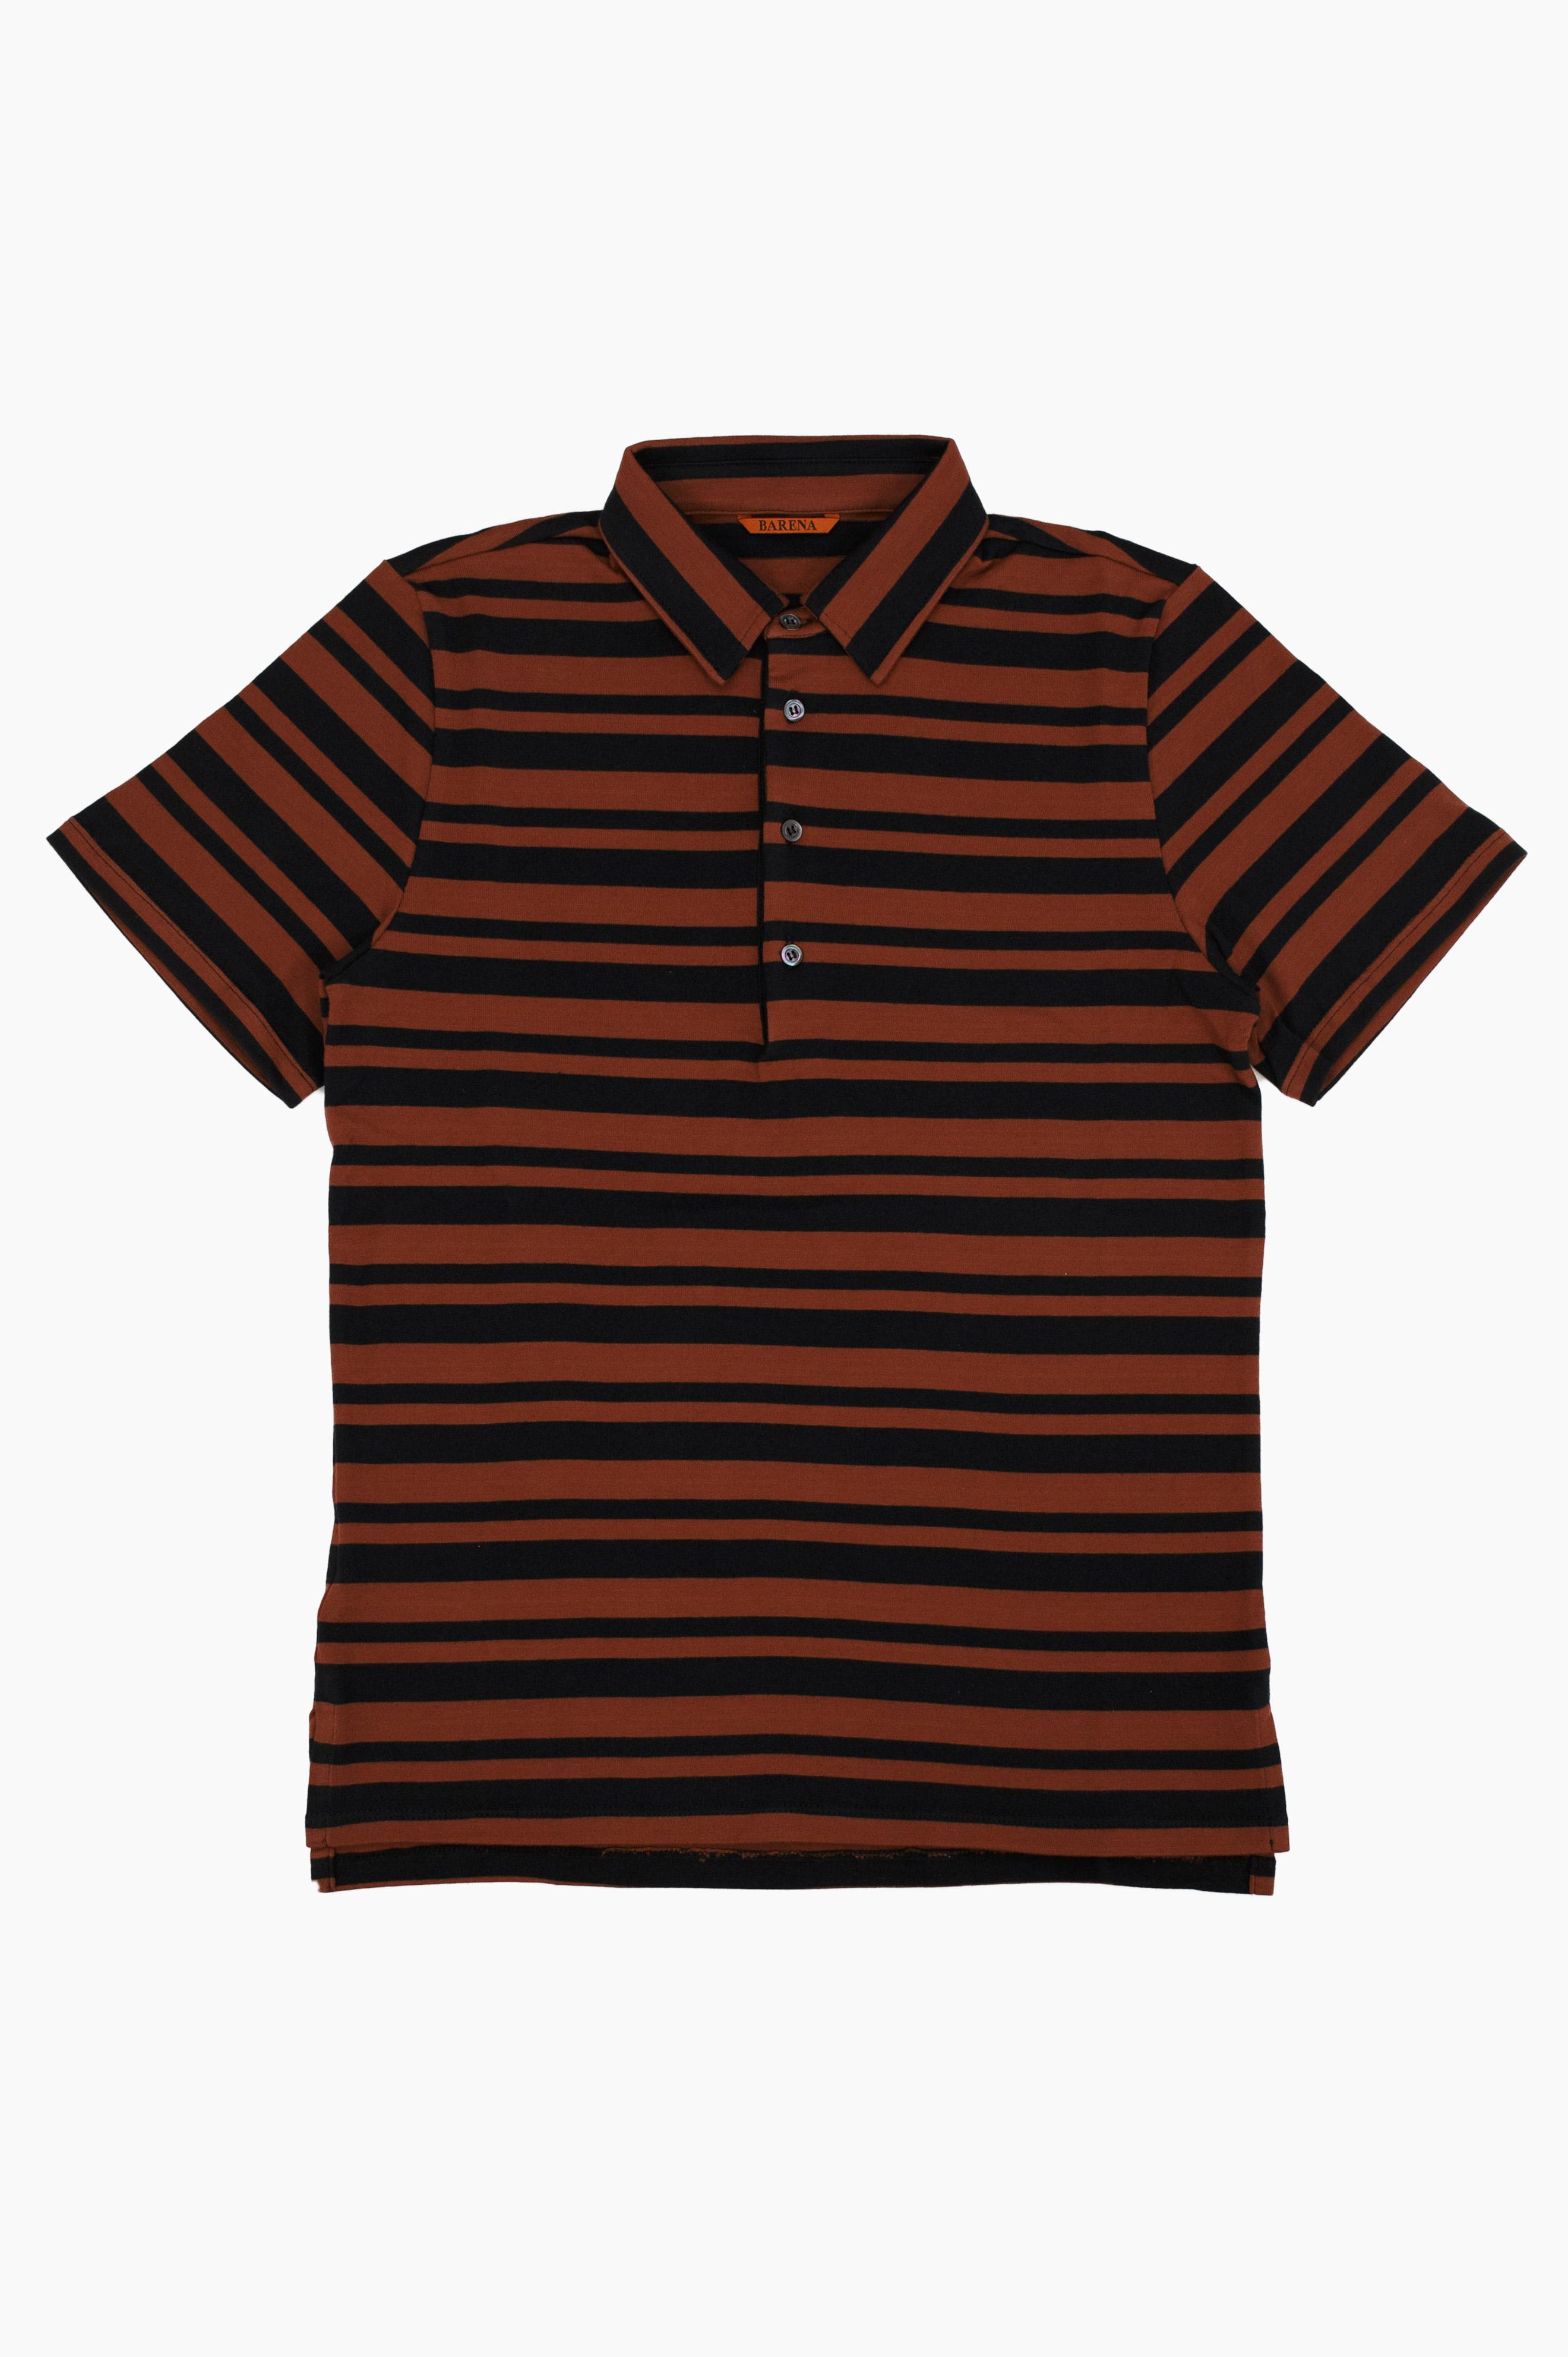 Scalmana Polo Shirt Black/Red